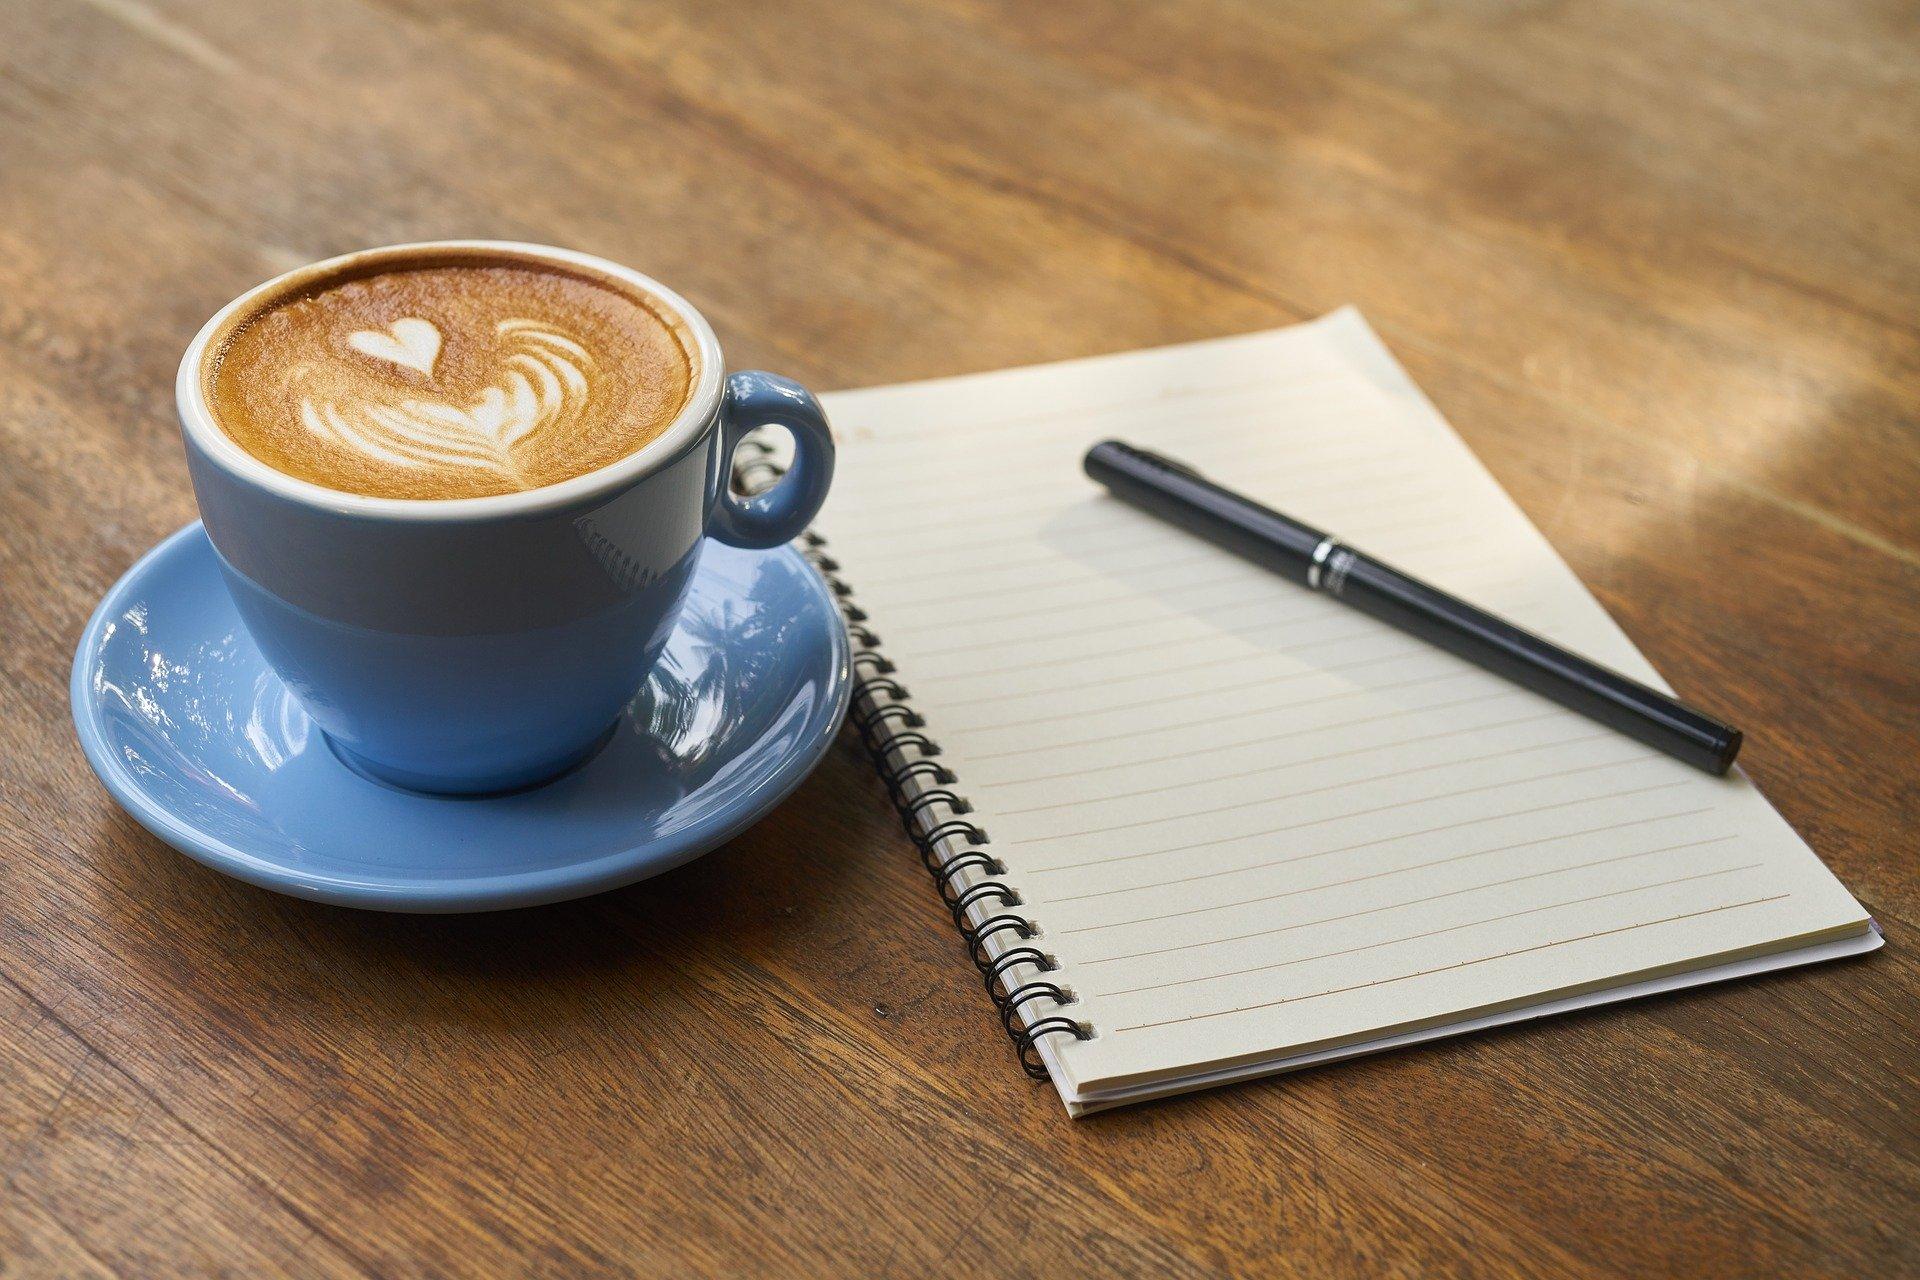 Ein Holztisch mit einer Tasse Kaffee und einem Schreibblock mit Stift.